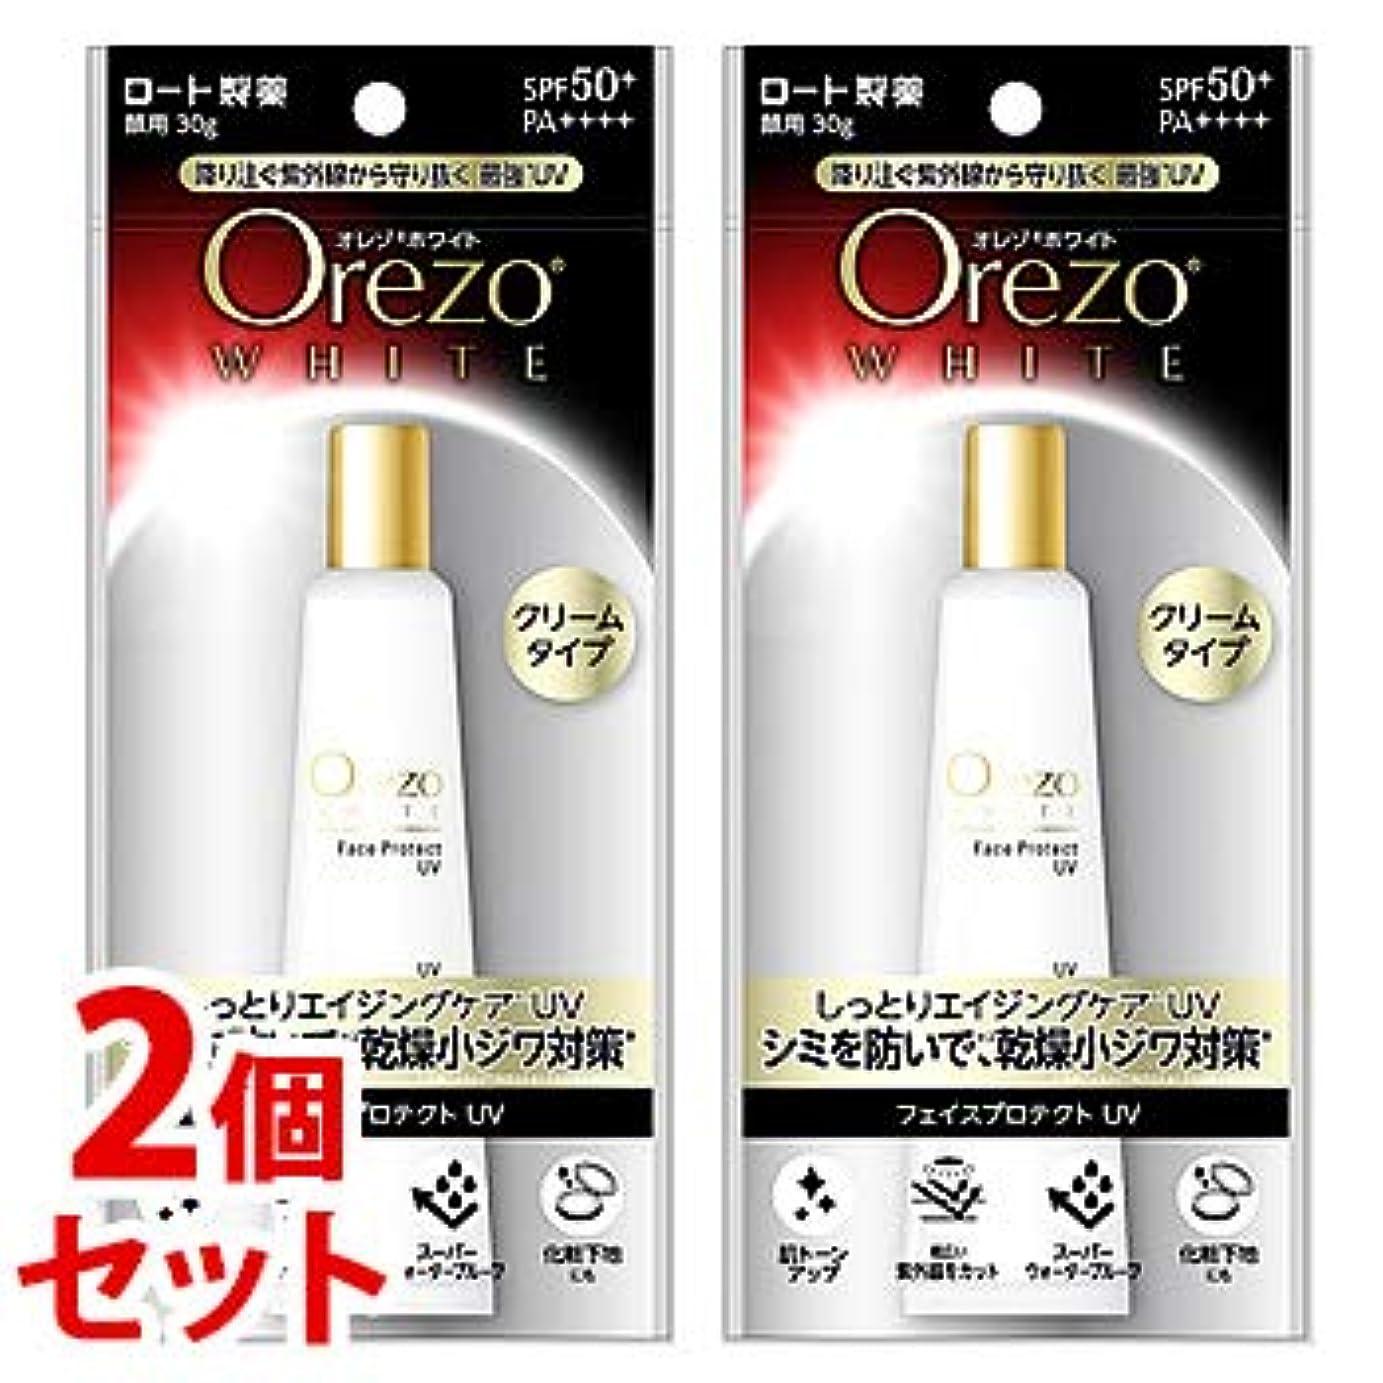 敬意を表する羨望ましい《セット販売》 ロート製薬 Orezo オレゾ ホワイト フェイスプロテクトUV SPF50+ PA++++ (30g)×2個セット 顔用 日やけ止め 化粧下地 クリームタイプ